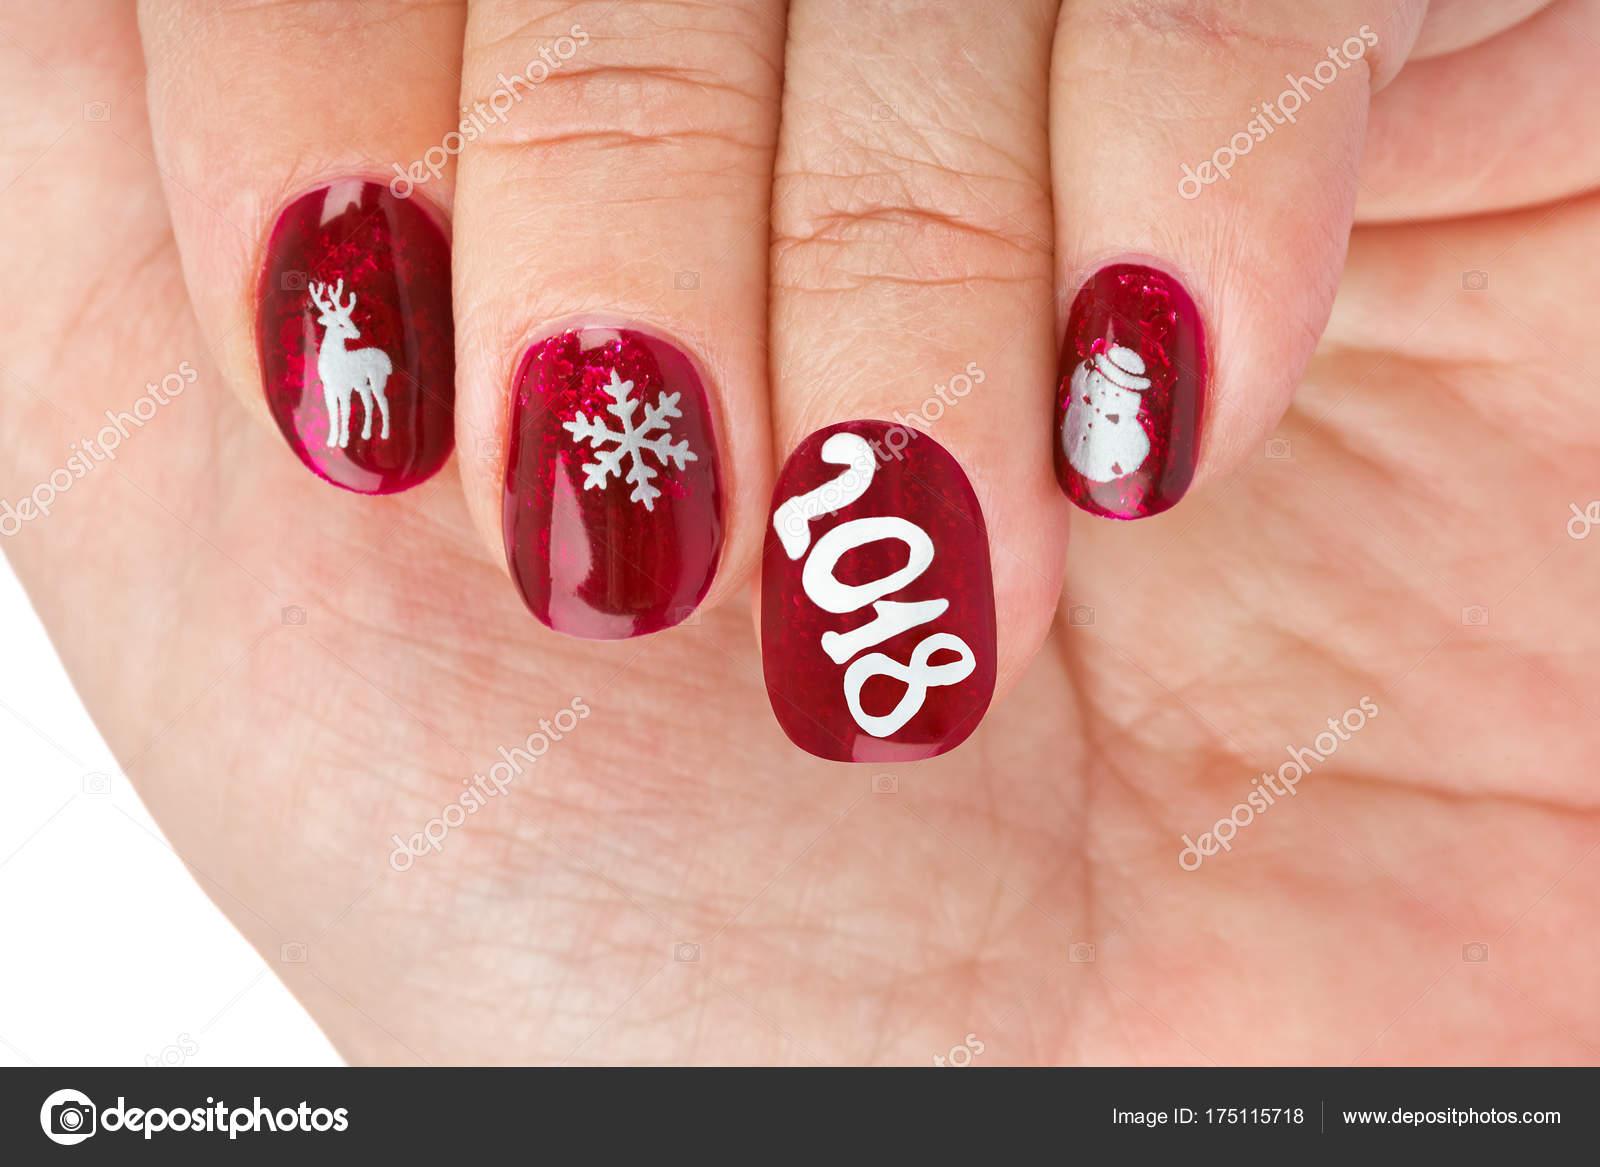 fingernagel mit weihnachten muster isoliert auf weiem hintergrund foto von violin - Fingernagel Muster Bilder